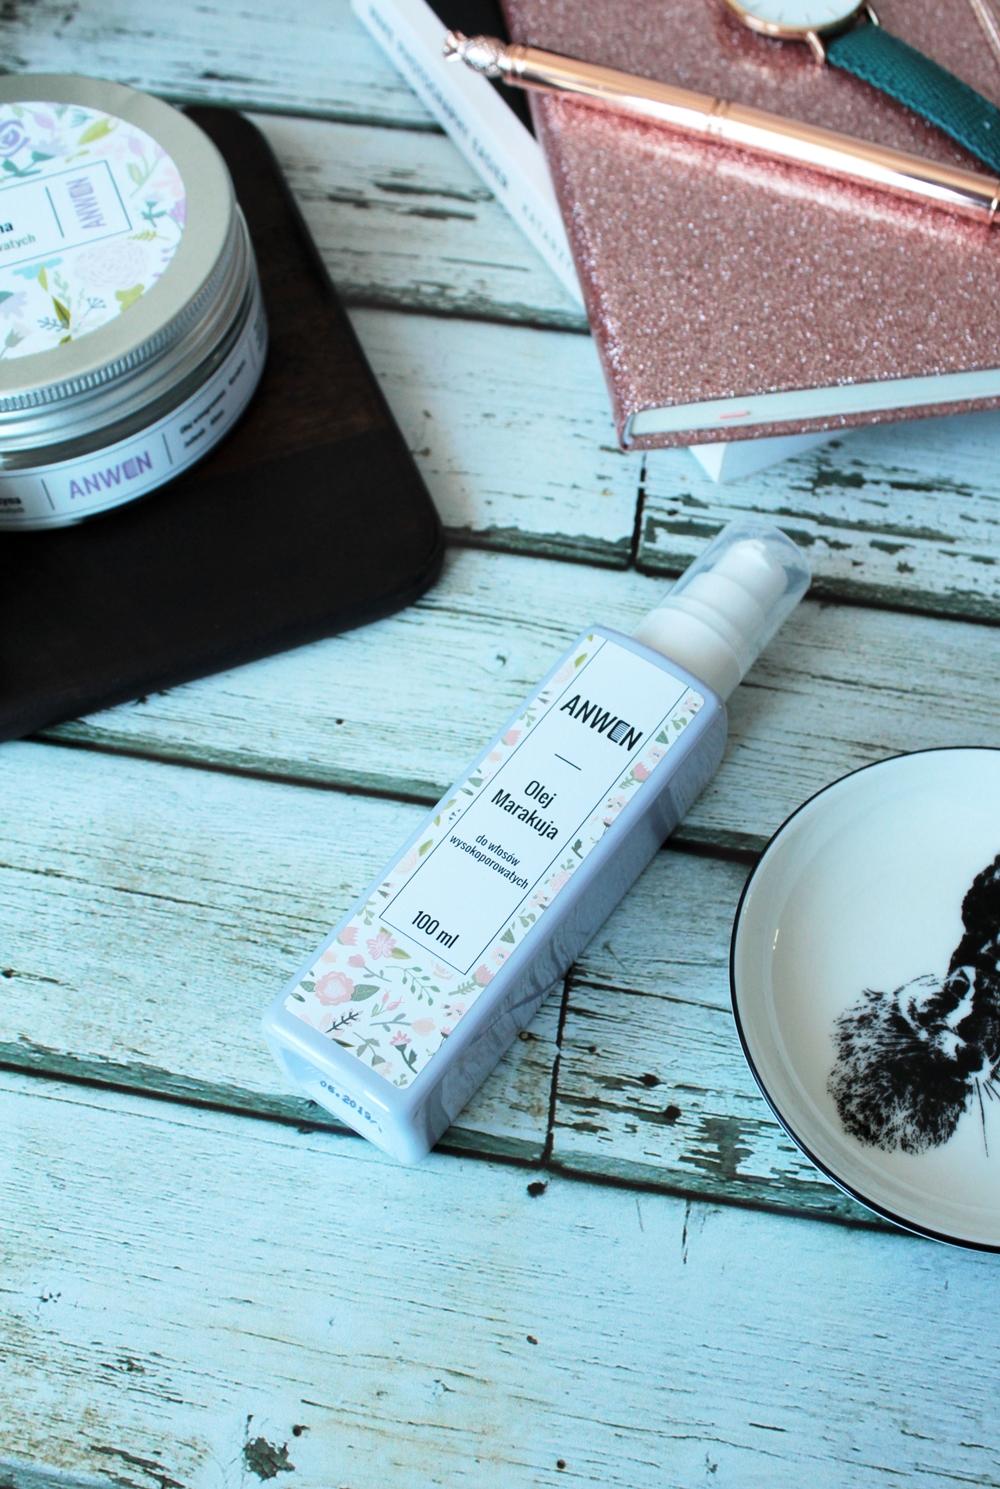 Włosy | 3 kosmetyki Anwen w akcji